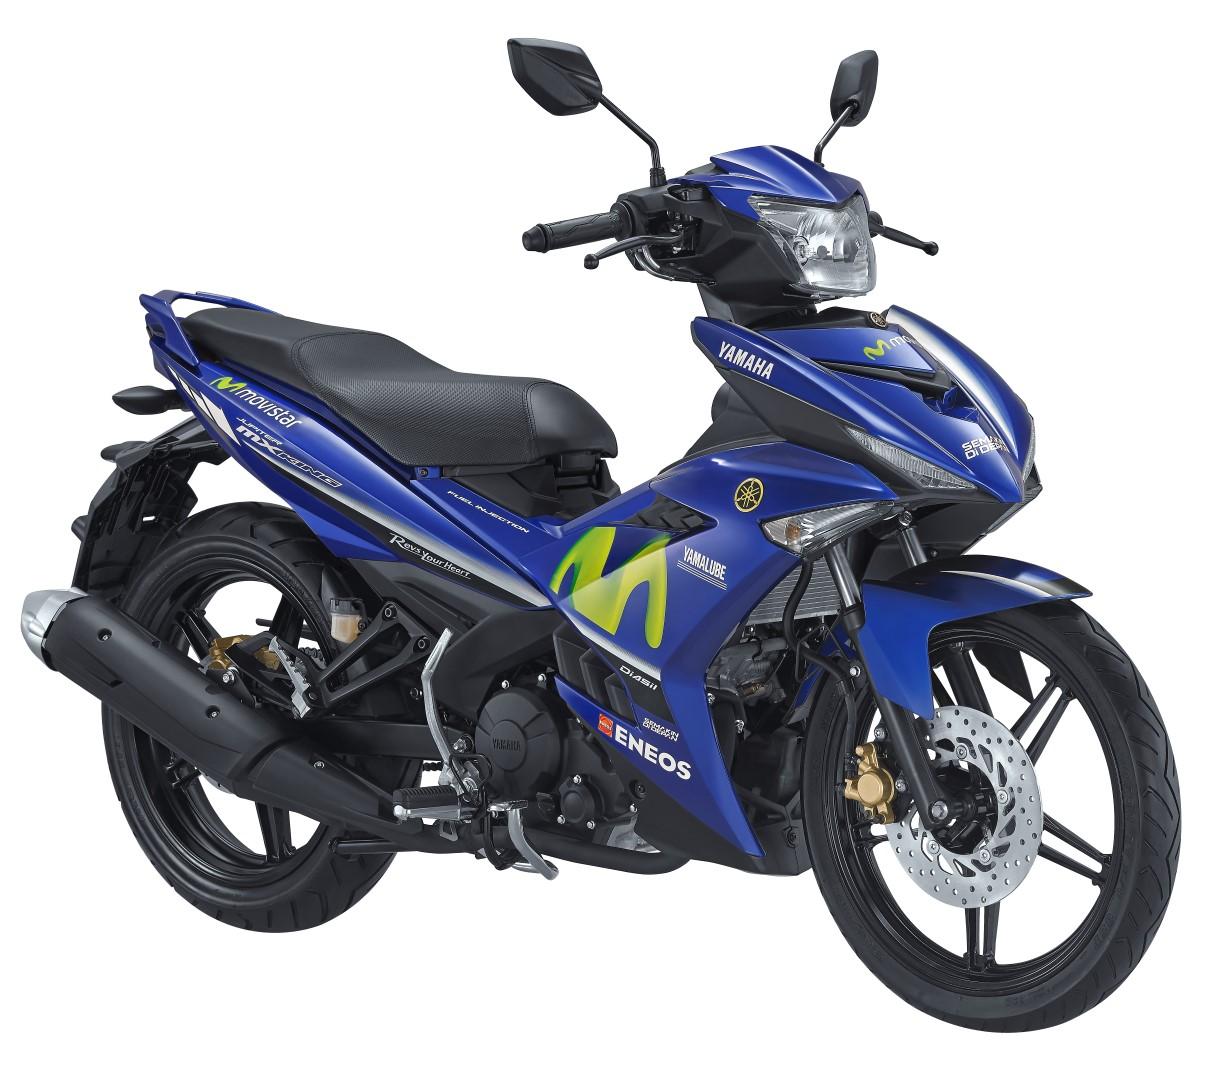 109 Biaya Modifikasi Vixion Jadi Motogp Modifikasi Motor Vixion